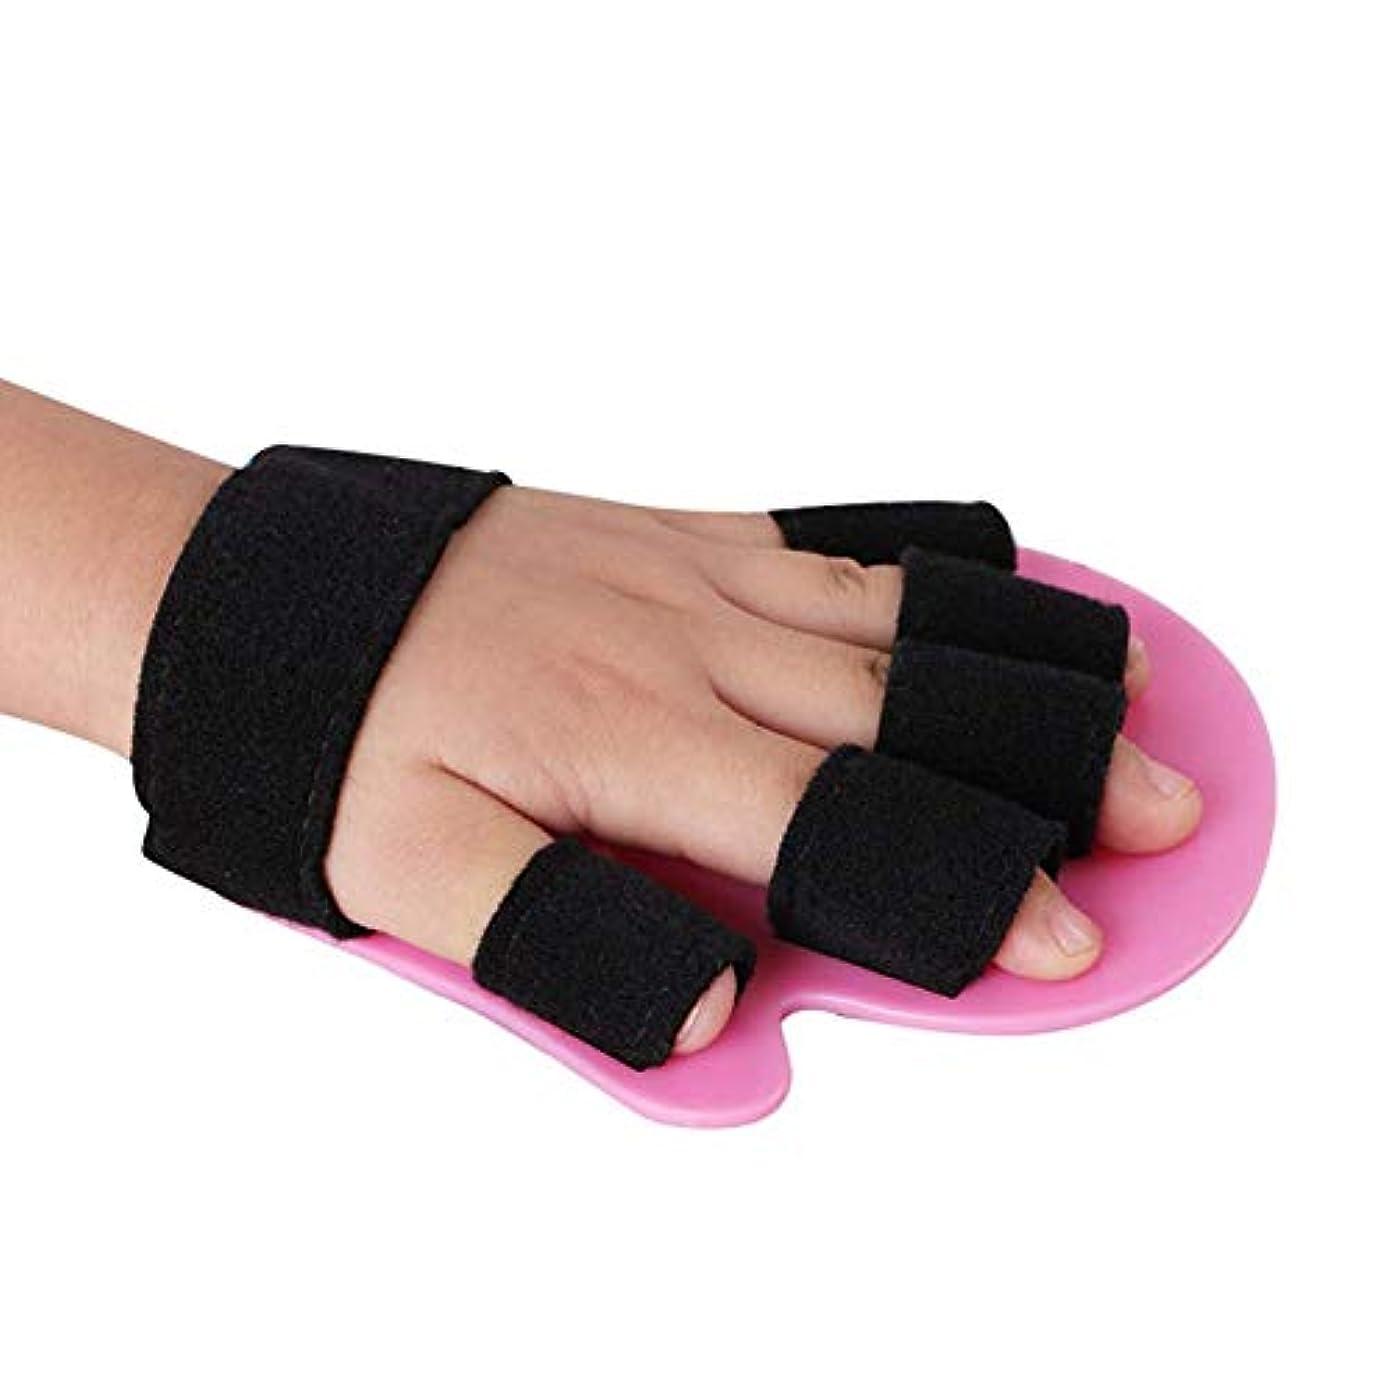 書誌メロドラマティックバイオレットスプリント指指セパレーター、手の手首の装具は別のデバイス患者関節炎リハビリテーション支援Brace1-5歳サポートばね指のスプリントを指